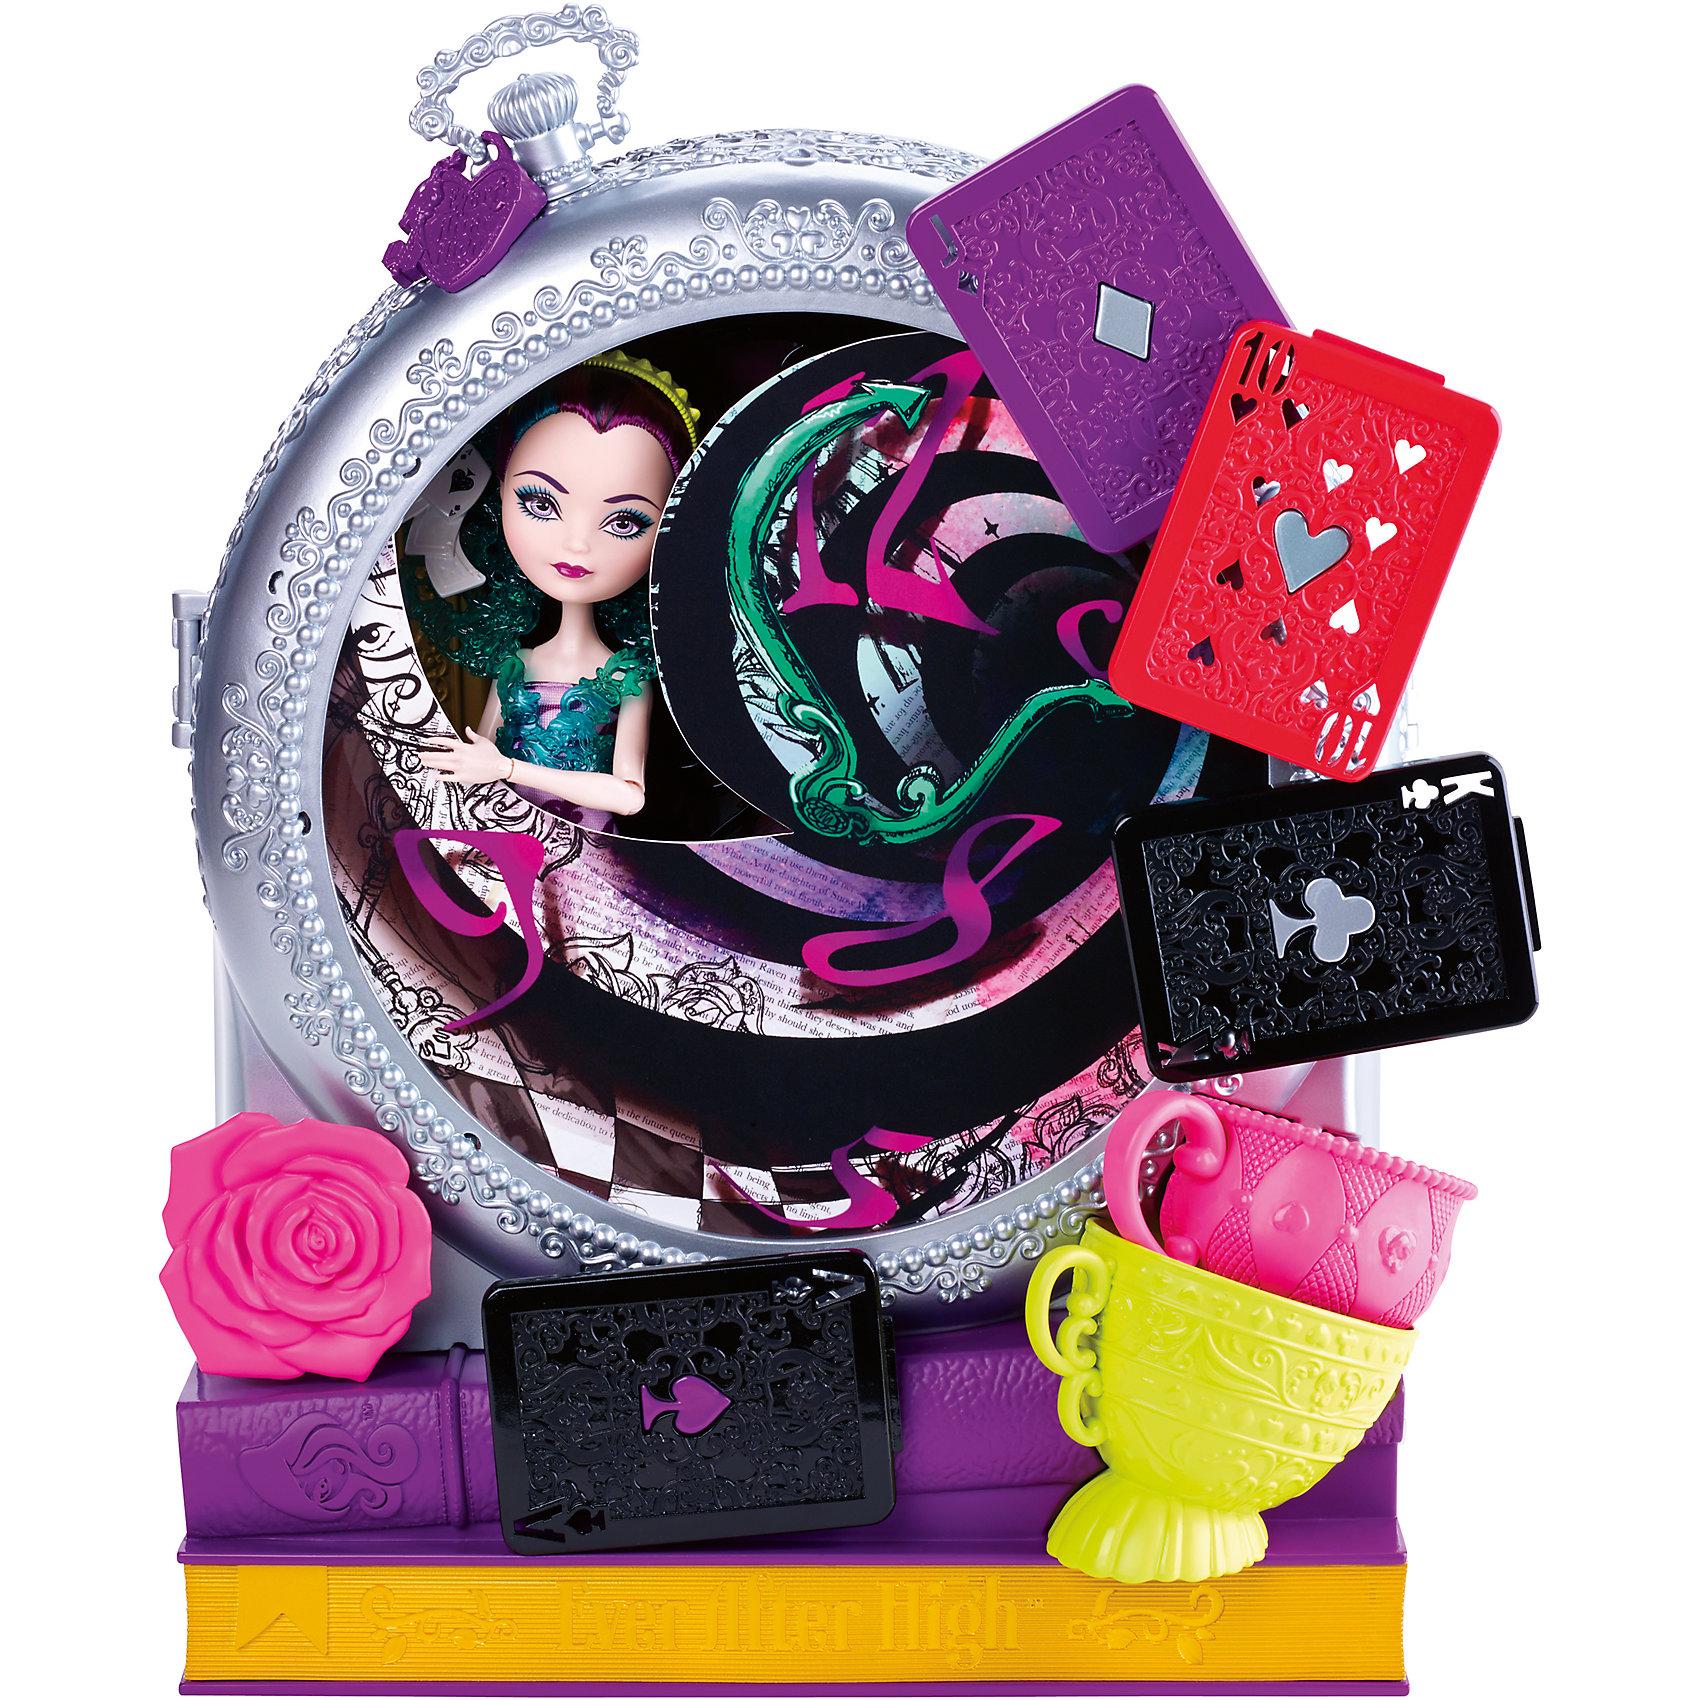 ����� ������ ���� � ������� �������, Ever After High (Mattel)